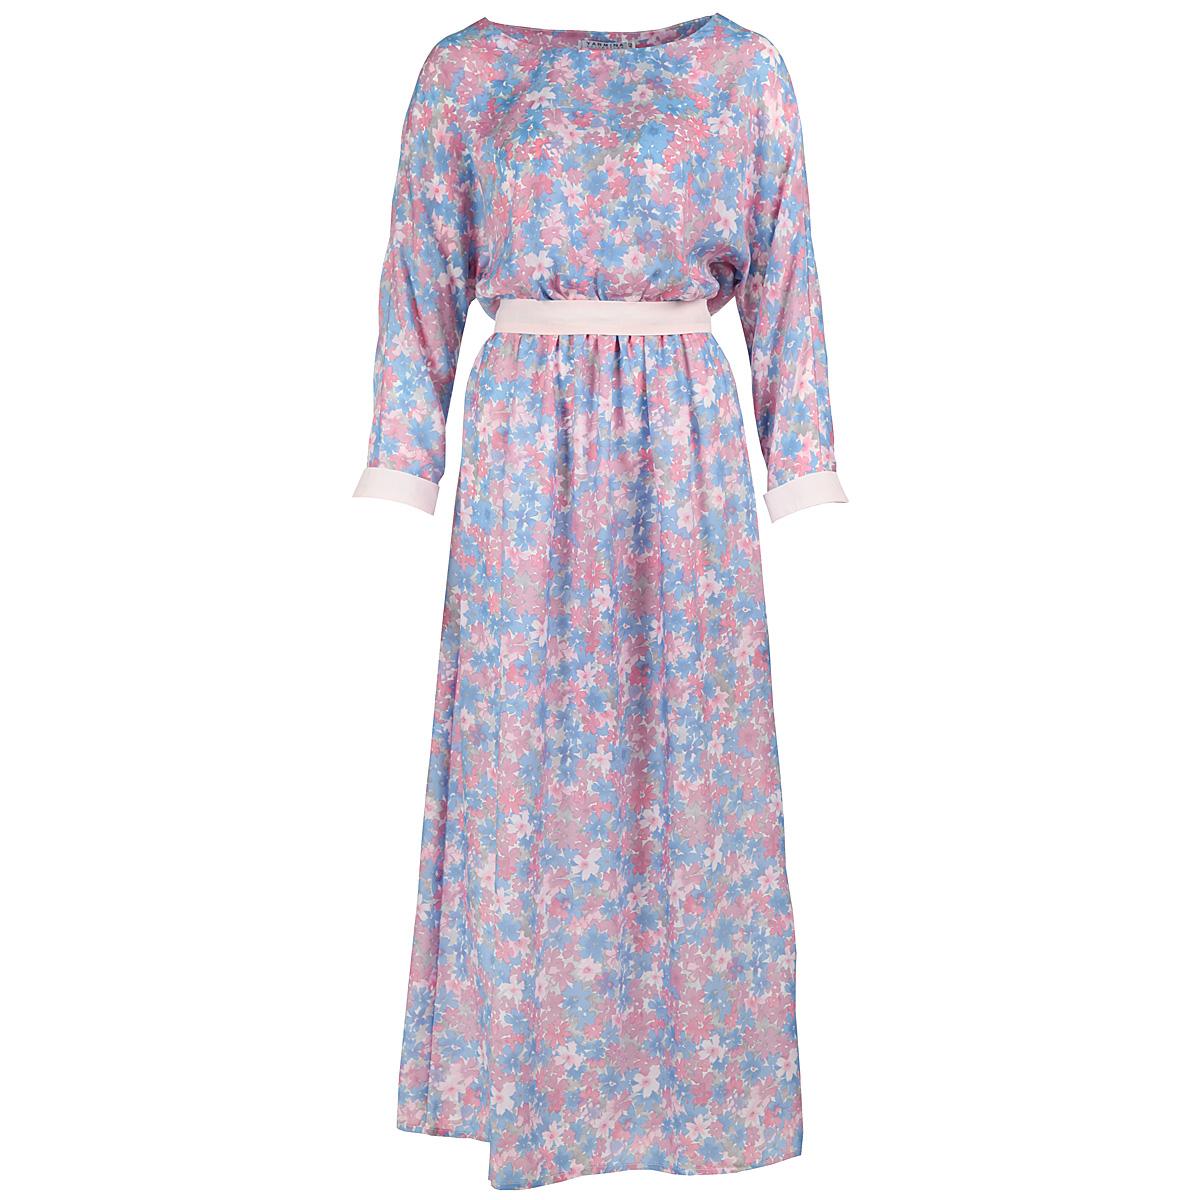 Платье Yarmina, цвет: голубой, сиреневый. Y1108-0146. Размер 50Y1108-0146Элегантное платье Yarmina в пол придаст очарование и женственность своей обладательнице. Модель с отрезной талией, круглым вырезом горловины и длинными рукавами-кимоно выполнена из приятной струящейся ткани - вискозы с цветочным принтом. На талии модель собрана на резинку и дополнена изящным пояском. Рукава оформлены манжетами контрастного цвета. Изысканный наряд создаст обворожительный неповторимый образ. Приталенный силуэт подчеркивает стройность фигуры.